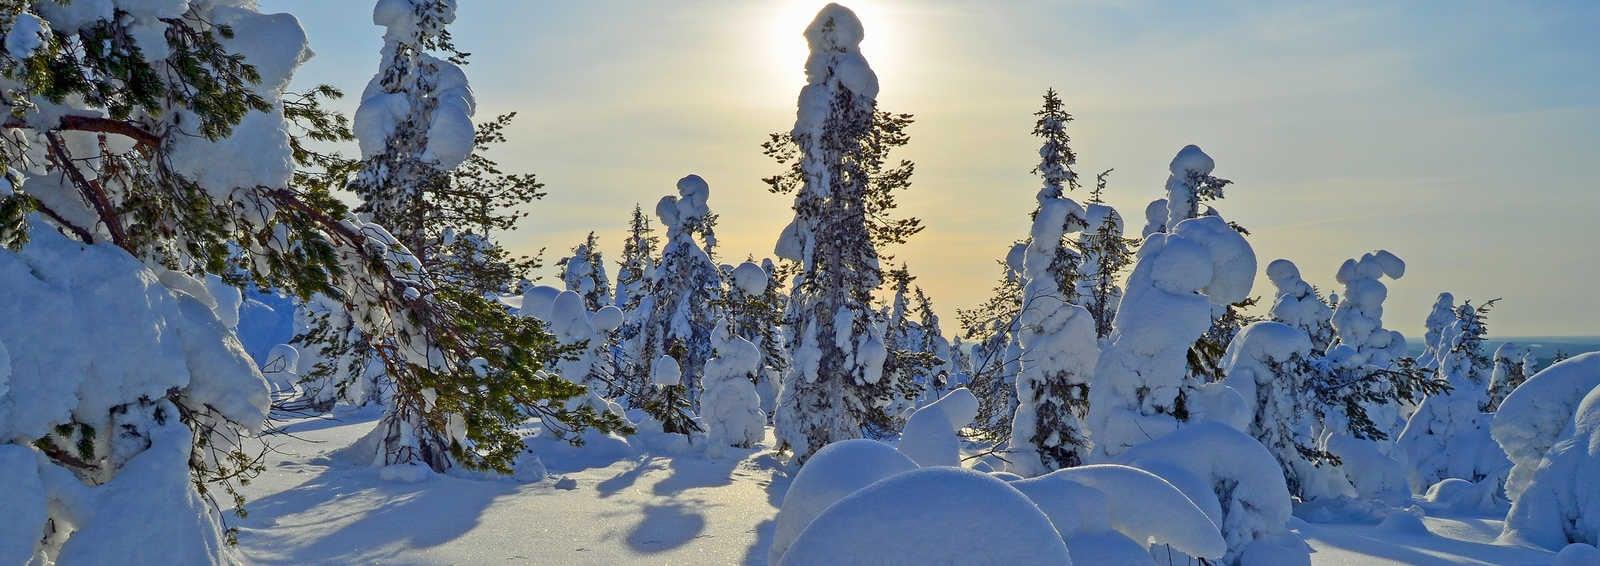 Winter scene, Finland